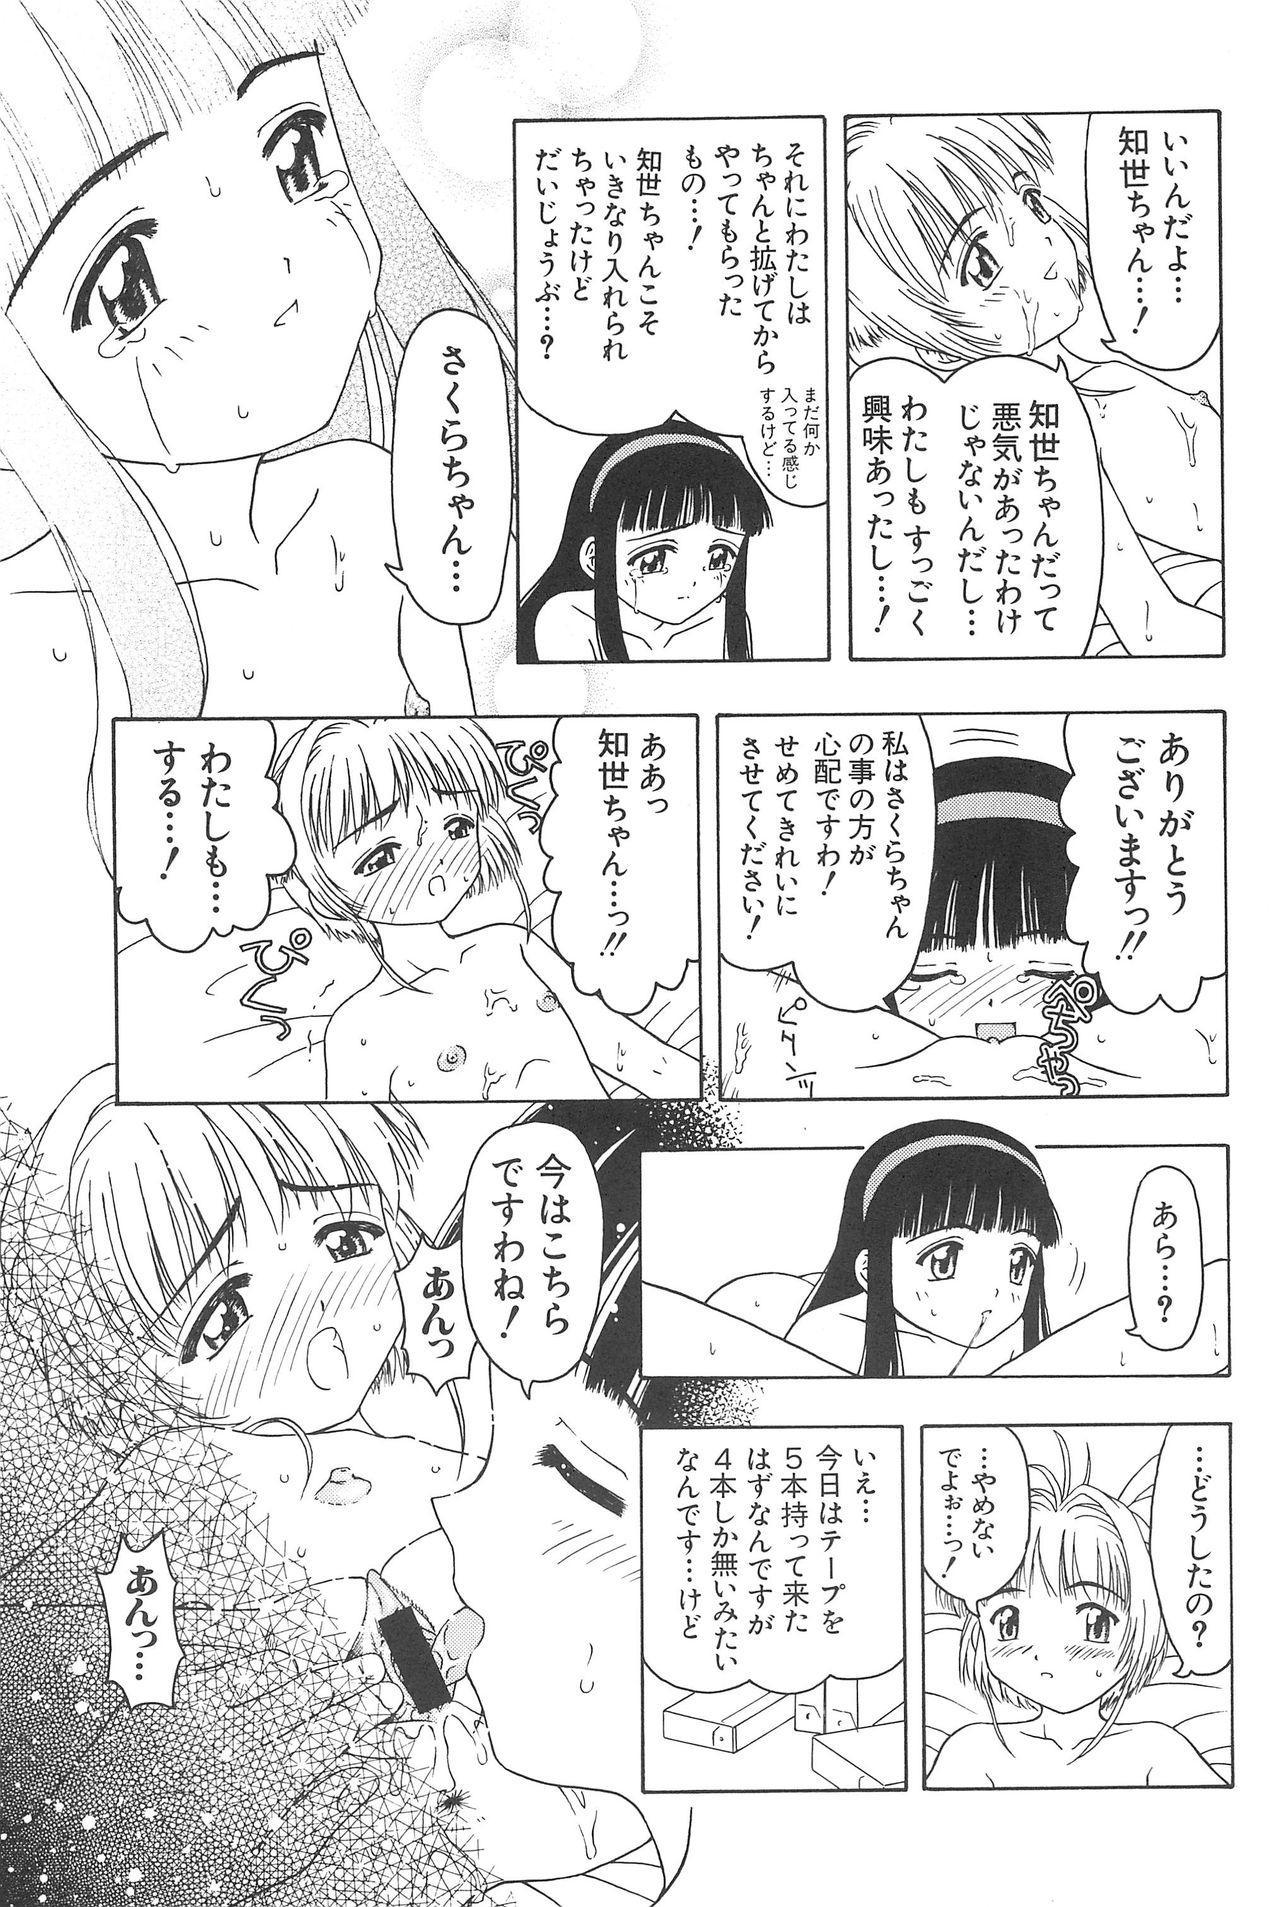 Sakura to Tomoyo ALL OF INTERCOURSE Jou 37